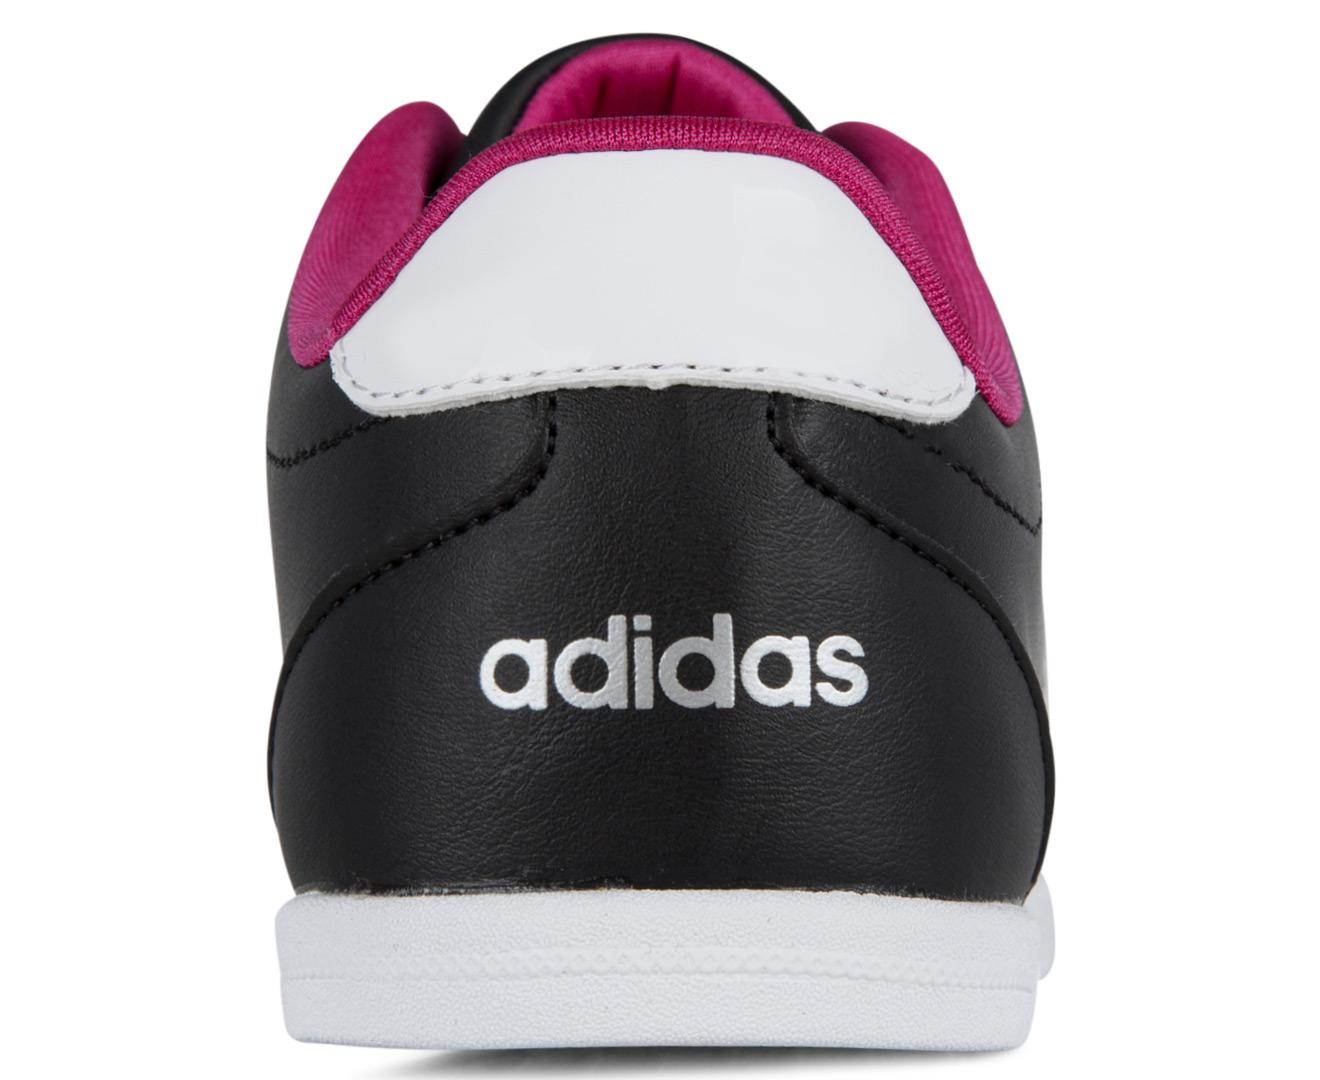 Adidas donne neo - coneo nero / bianco / rosa e scarpe di qt